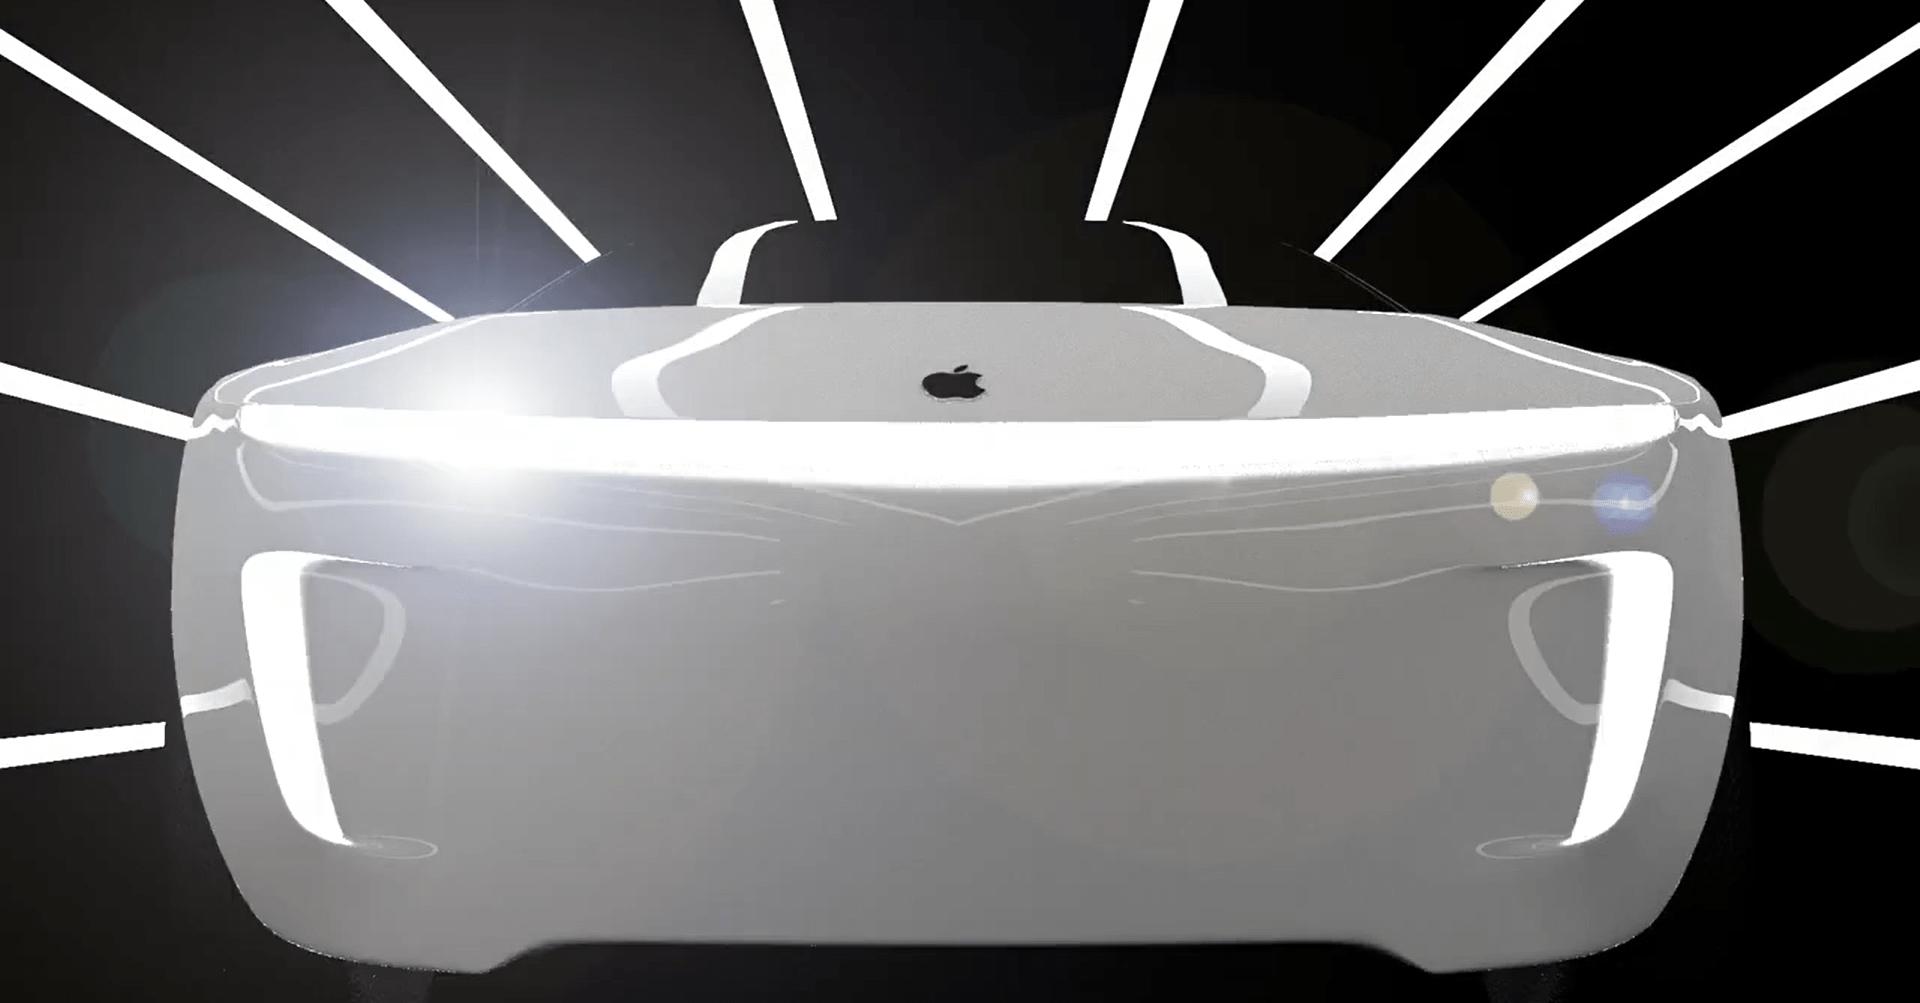 外媒称苹果将与起亚品牌合作 最早于2024年在起亚美国工厂生产苹果汽车